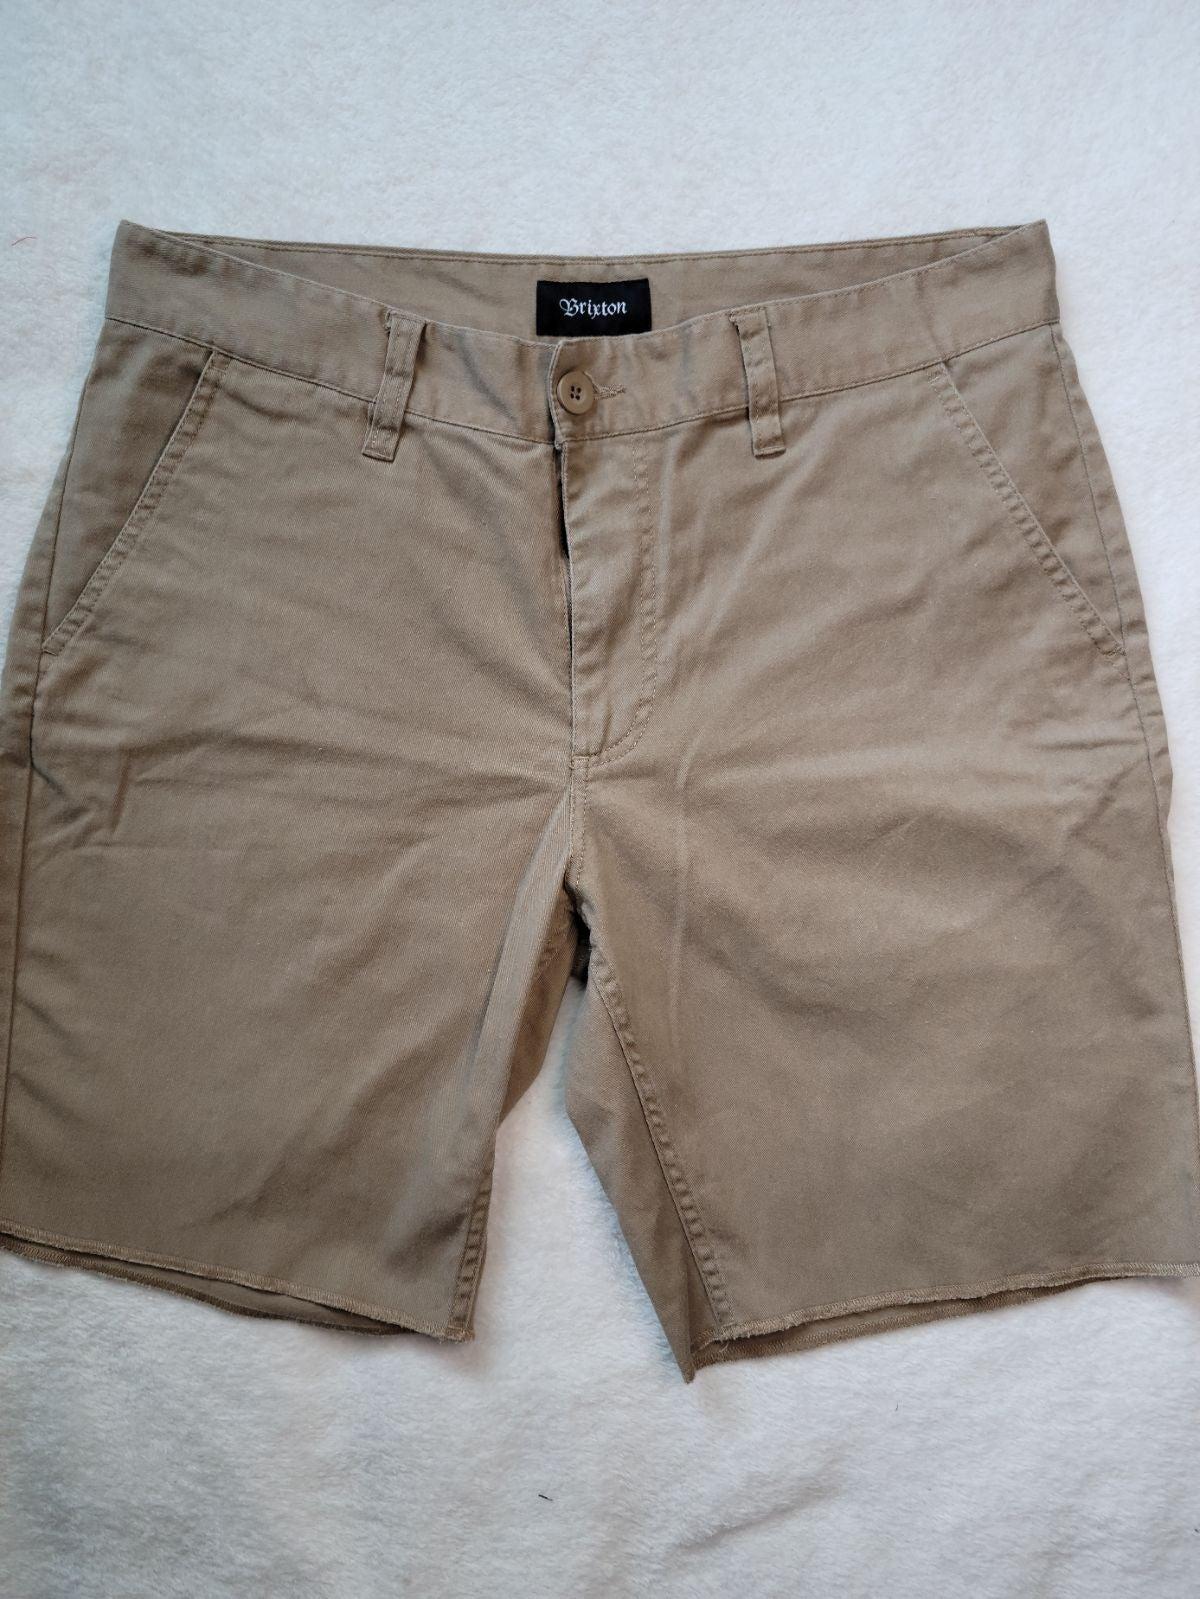 Brixton Mens Tan Shorts Size 34